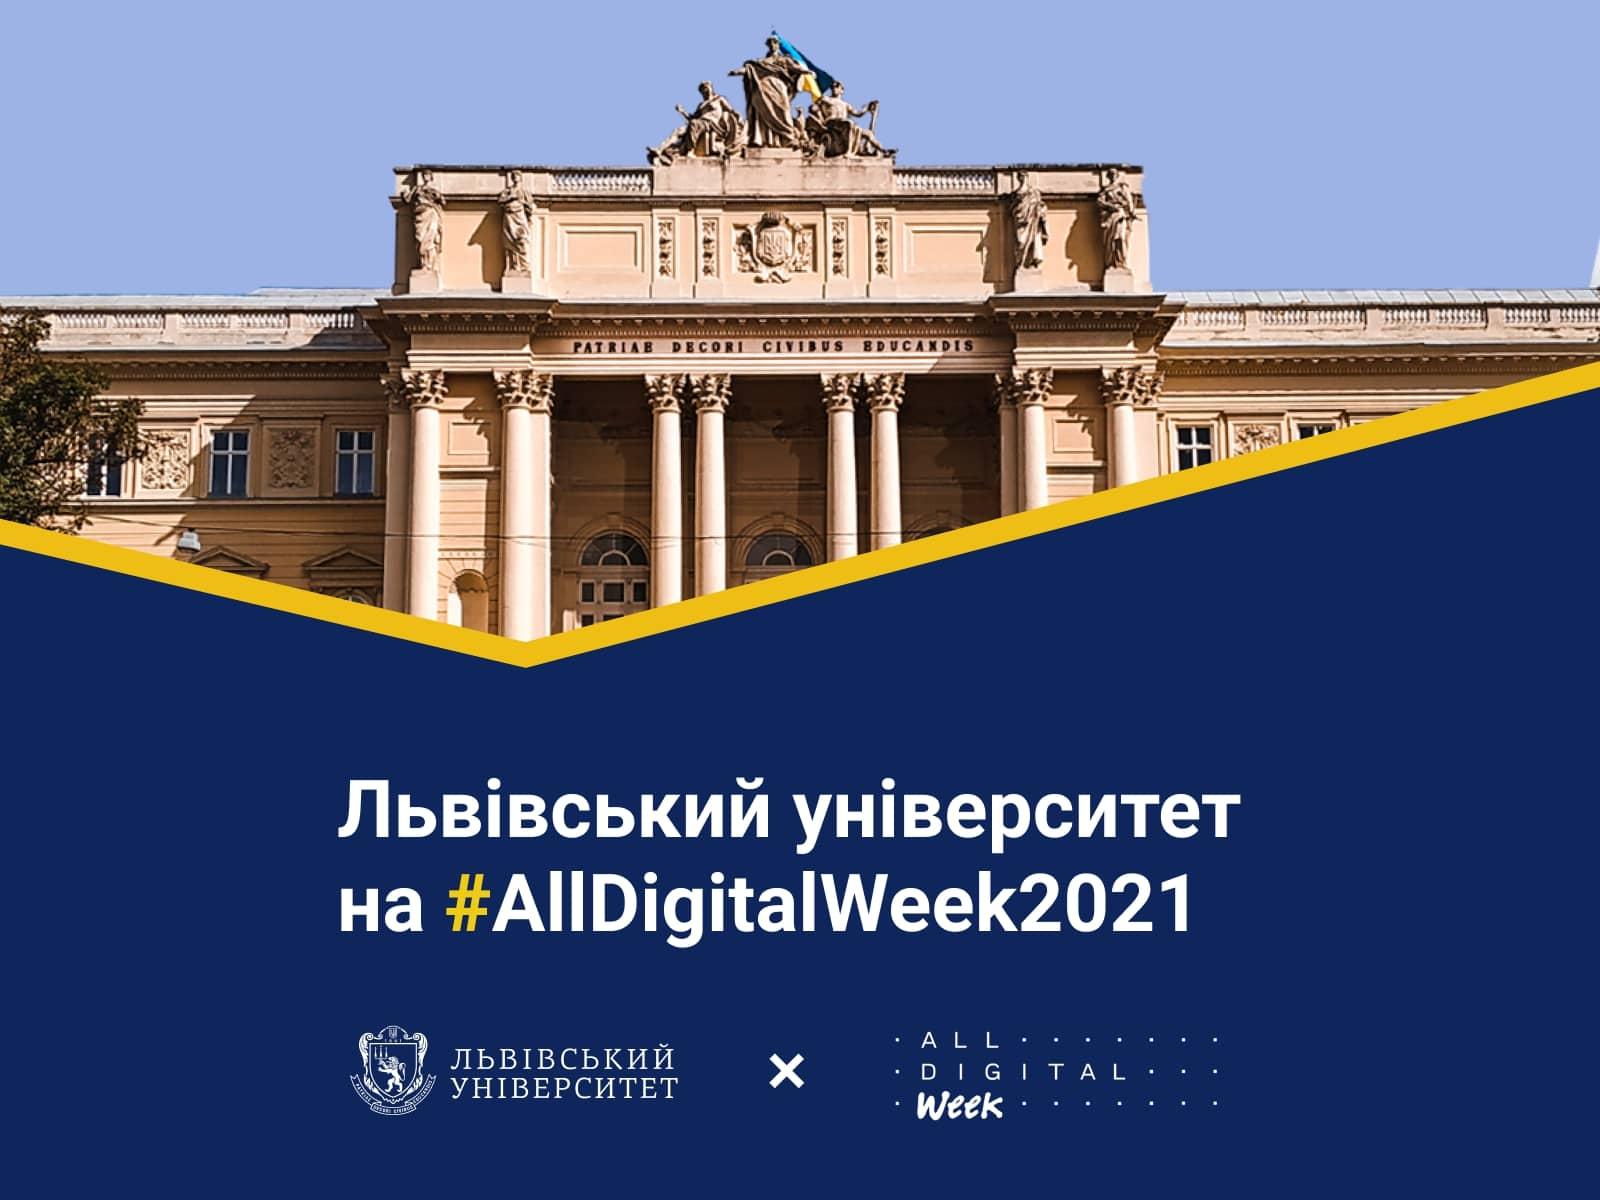 Львівський університет долучився до All Digital Week 2021